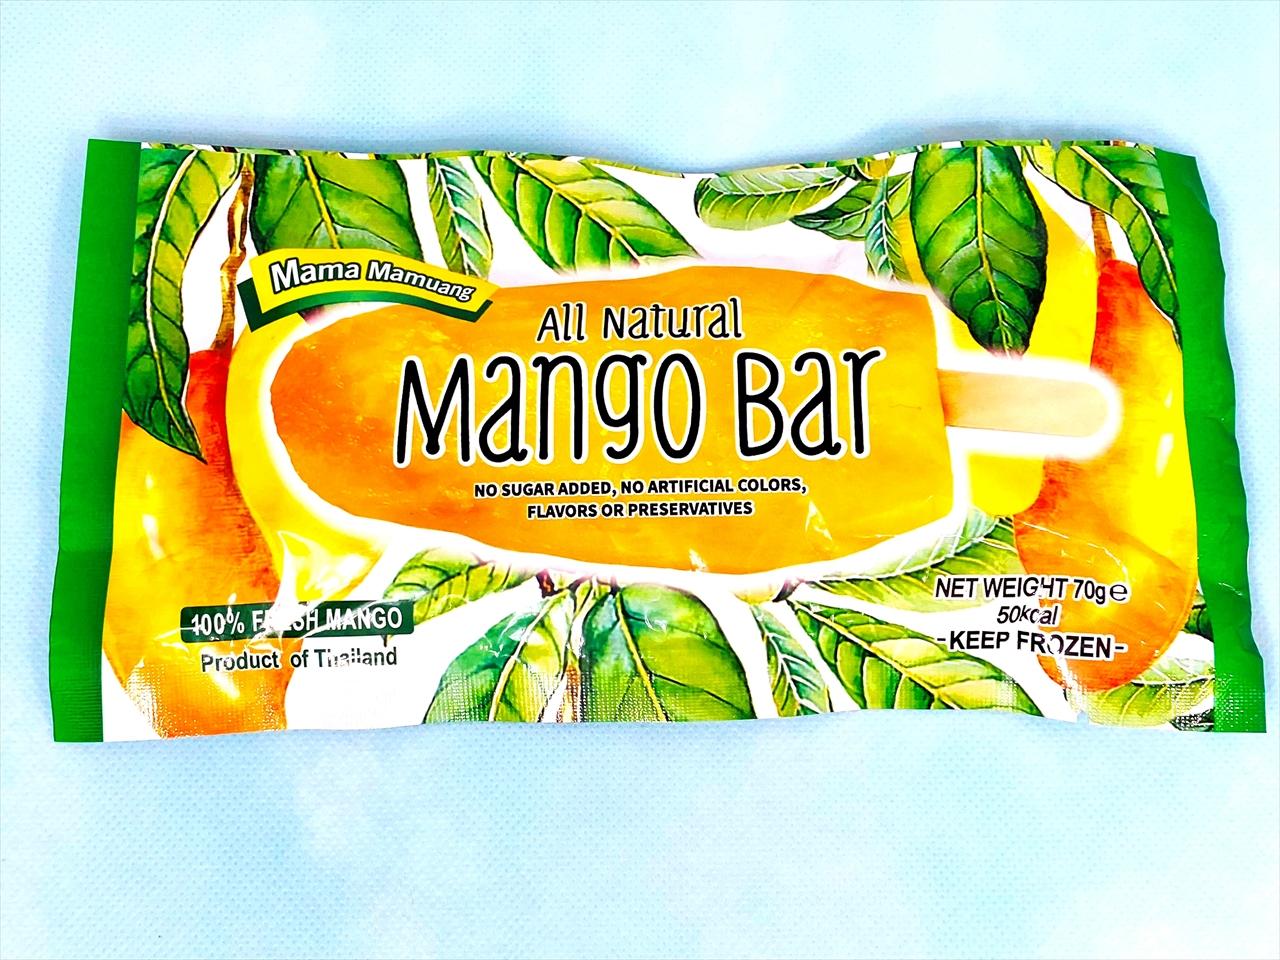 All Natural Mango Bar